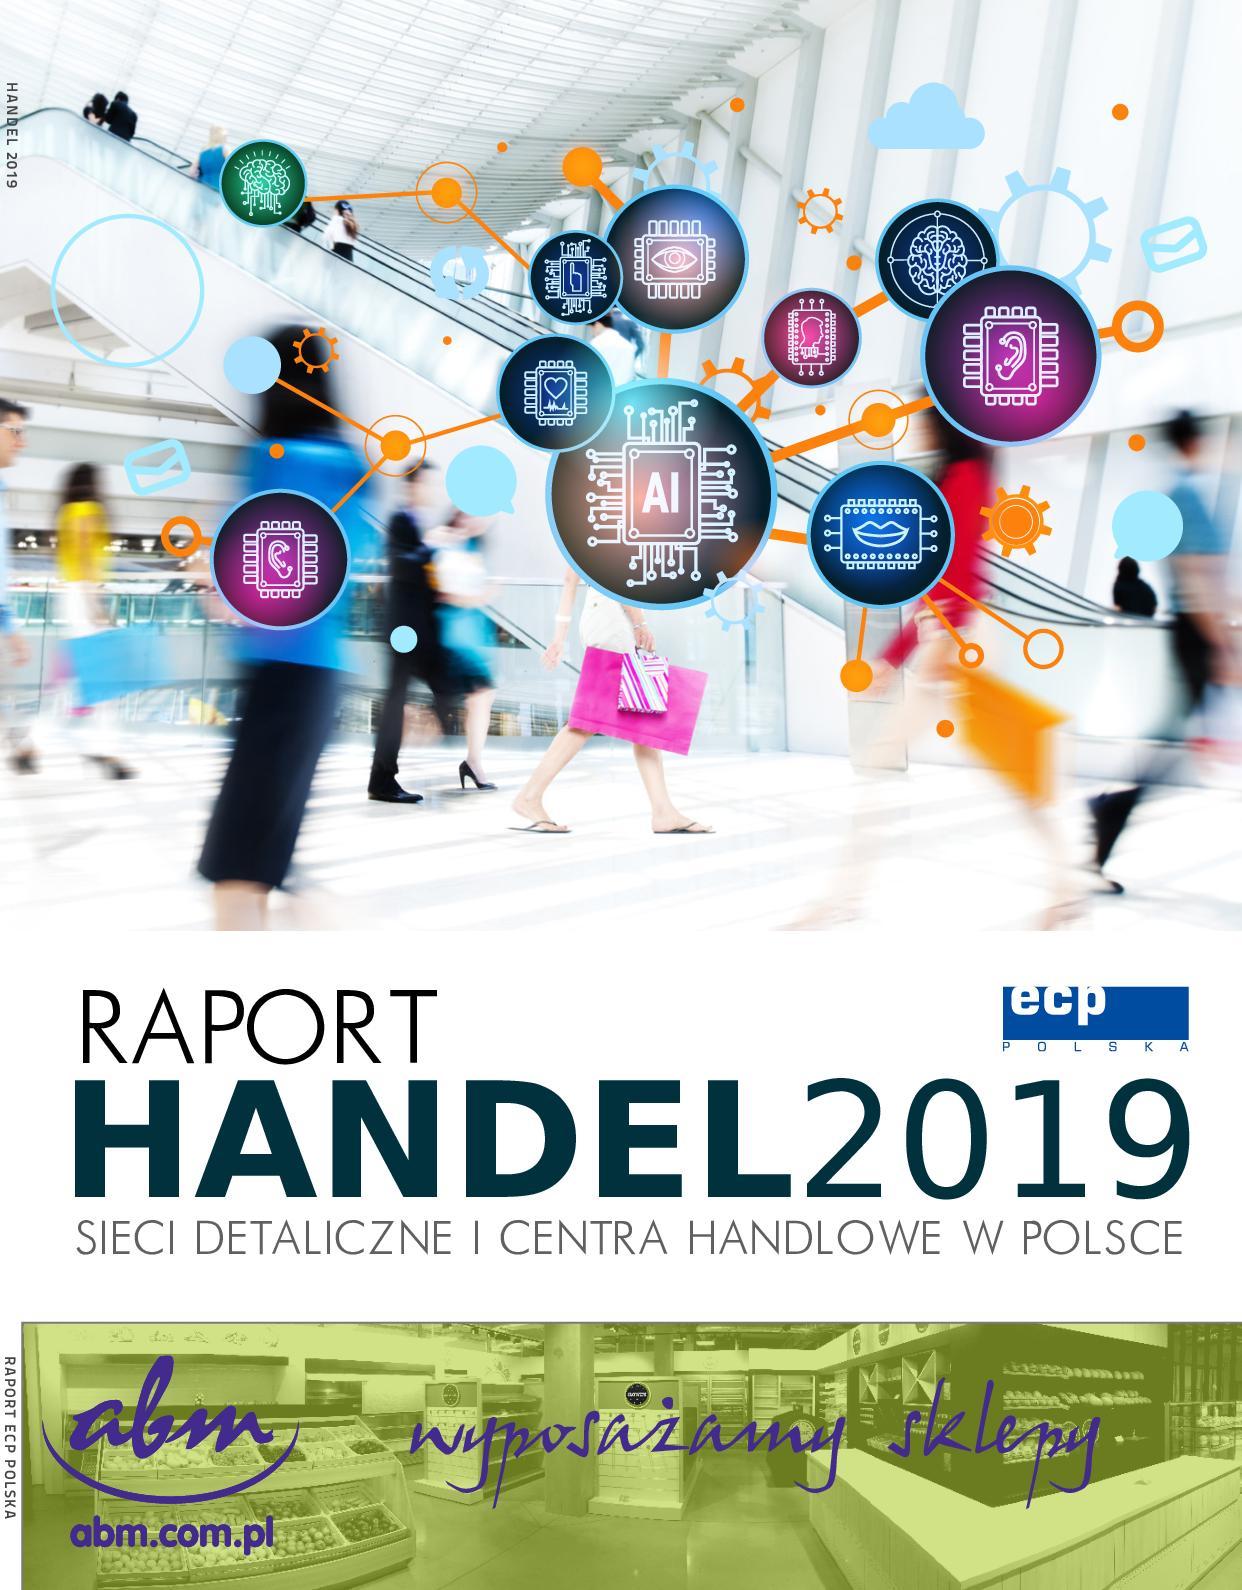 Handel 2019 Net